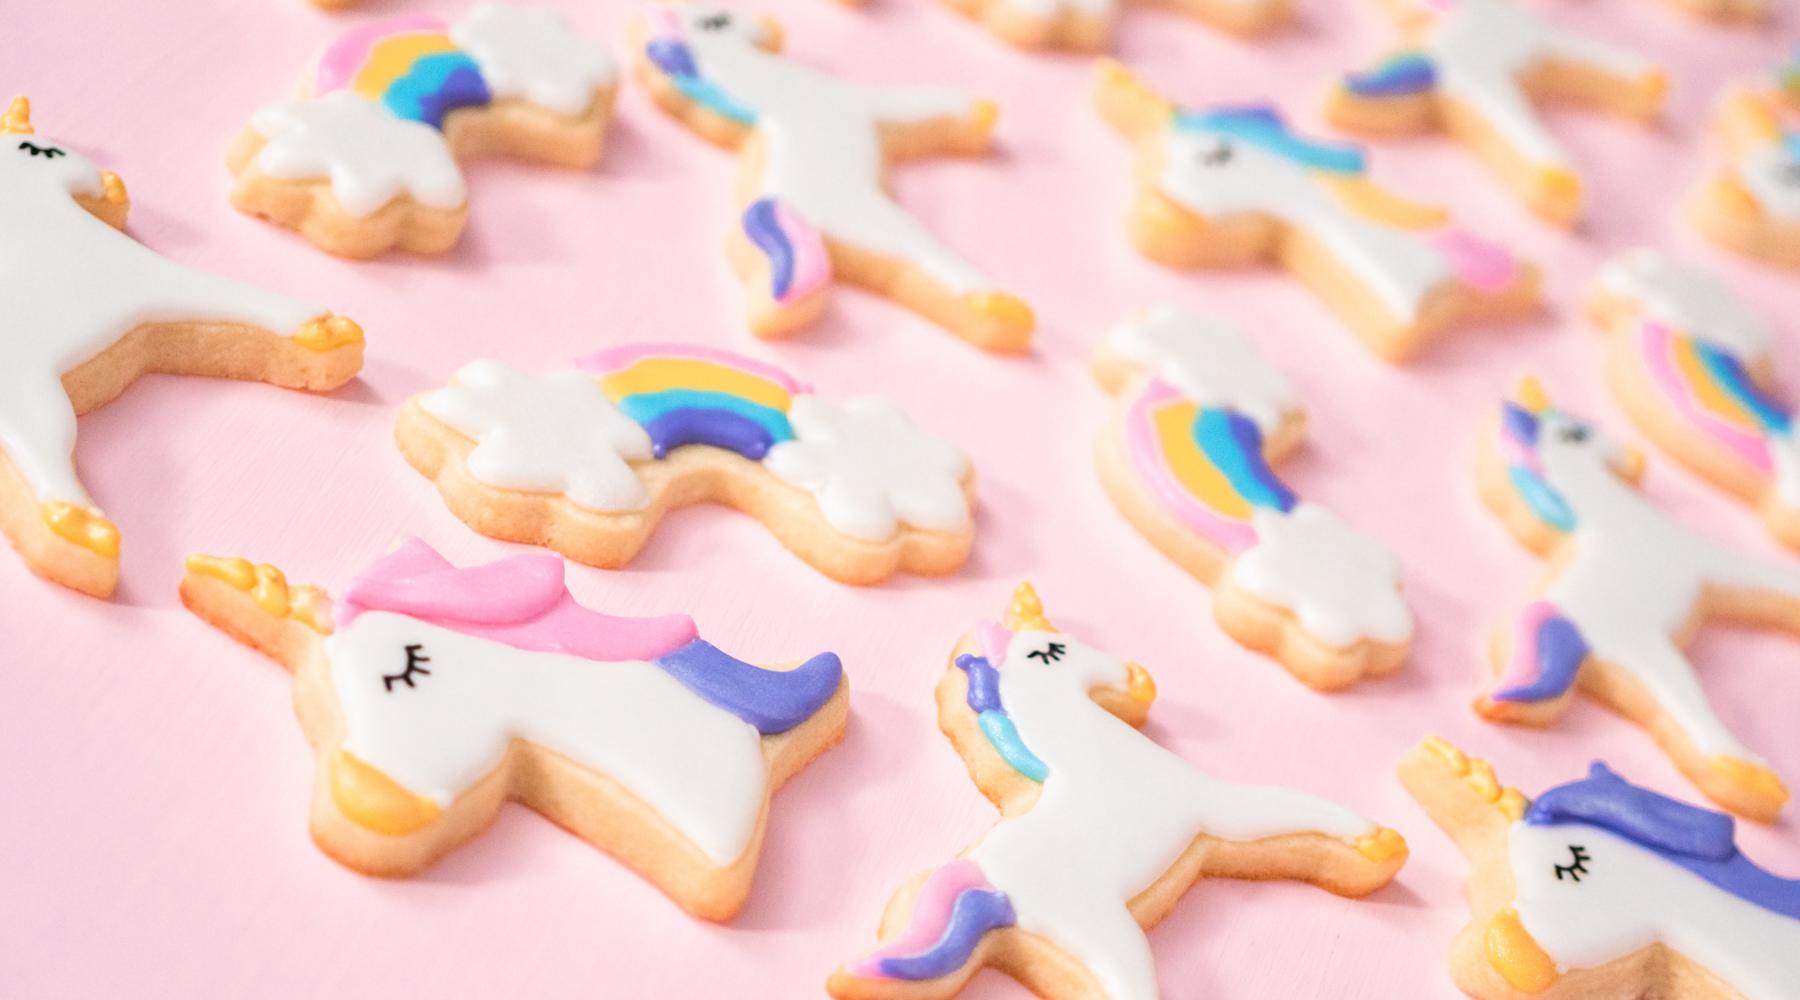 Unicorn Party treats